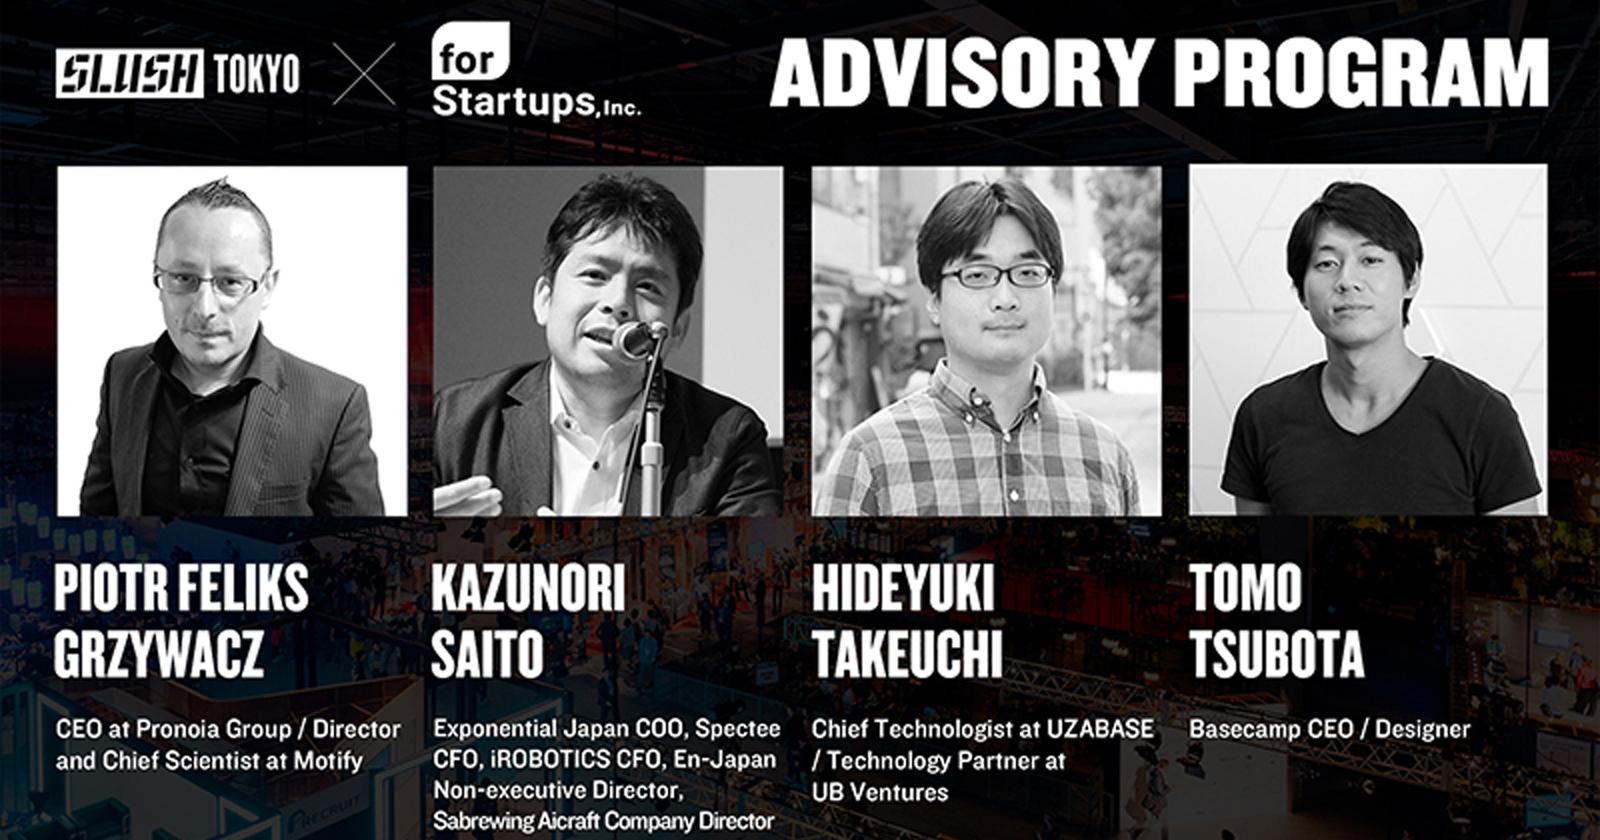 フォースタートアップスとSLUSH TOKYO、Slush Tokyo 2019 において共同プロデュースする「Advisory Program」内容決定および「Advisory Mentor」陣を発表